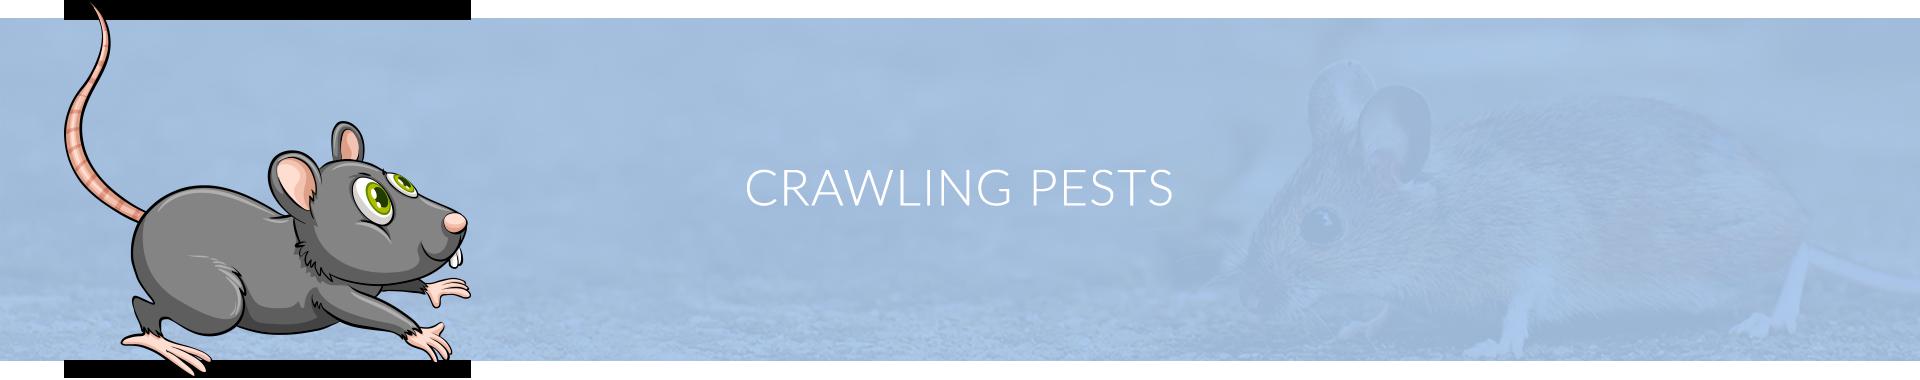 PestChem Crawling Pests Banner